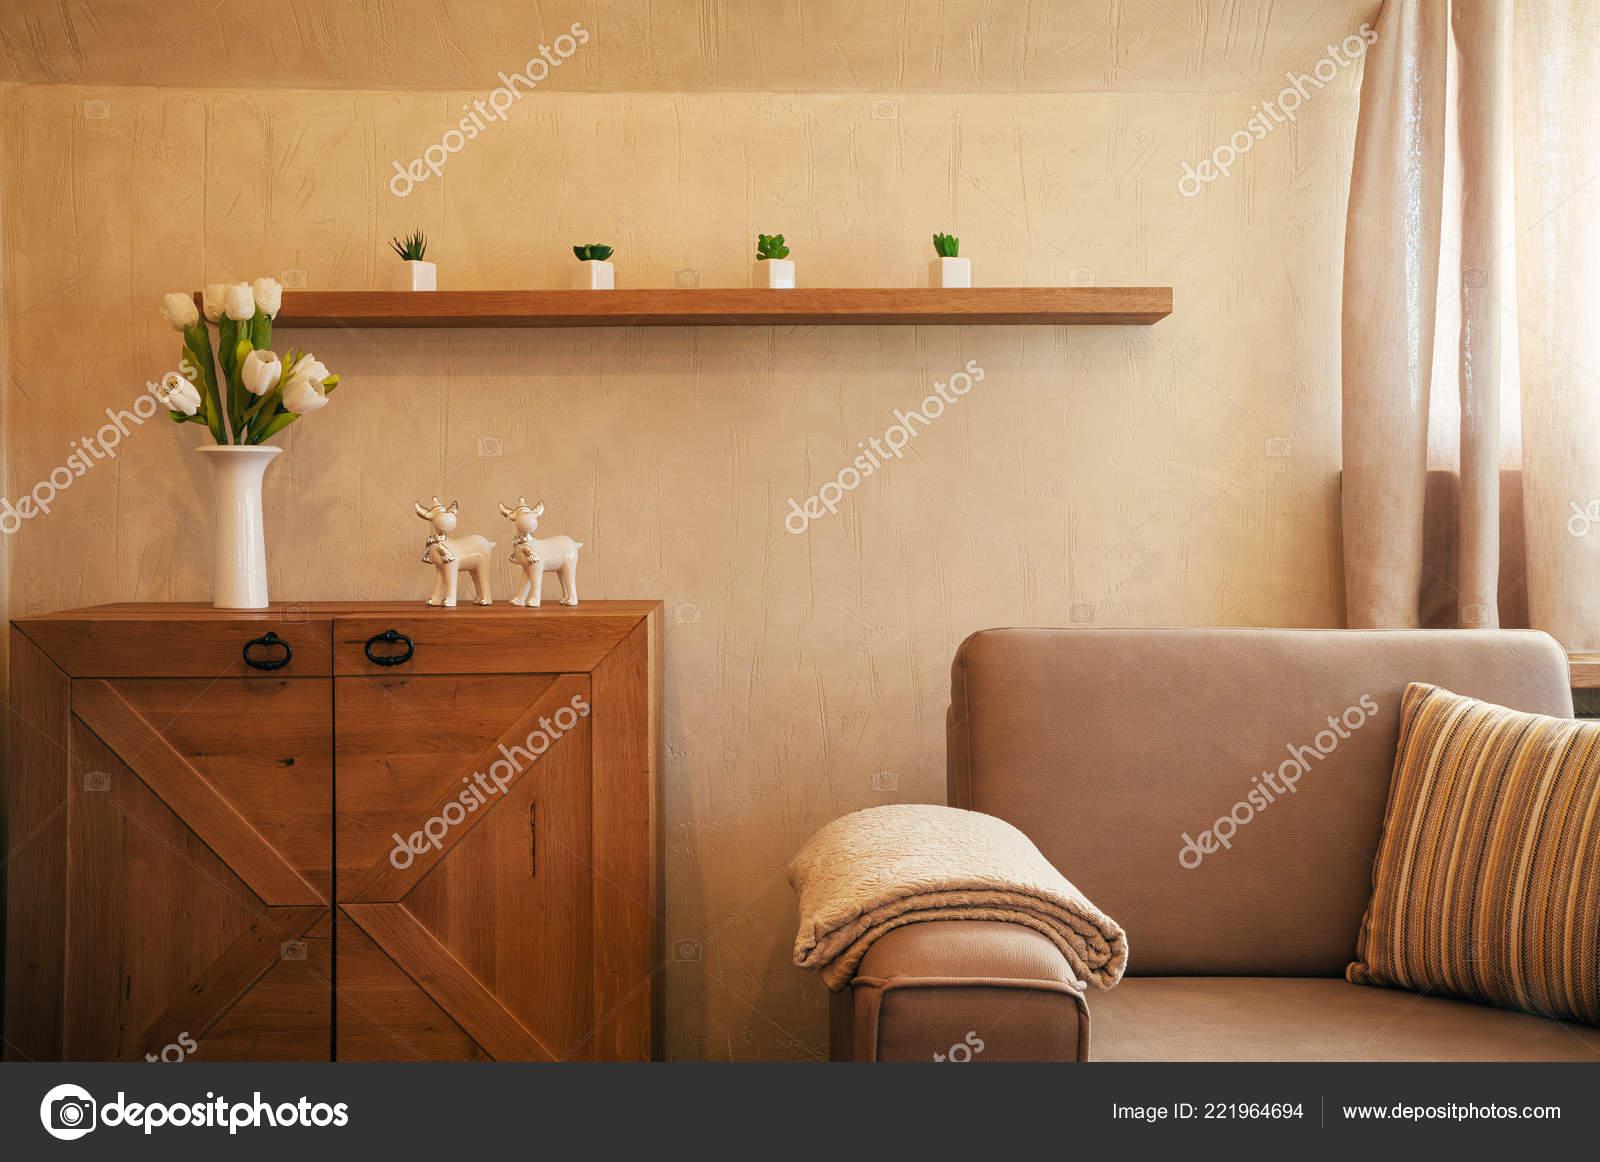 Klein Appartement Inrichting : Interieur van een klein appartement meubilair inrichting u2014 stockfoto